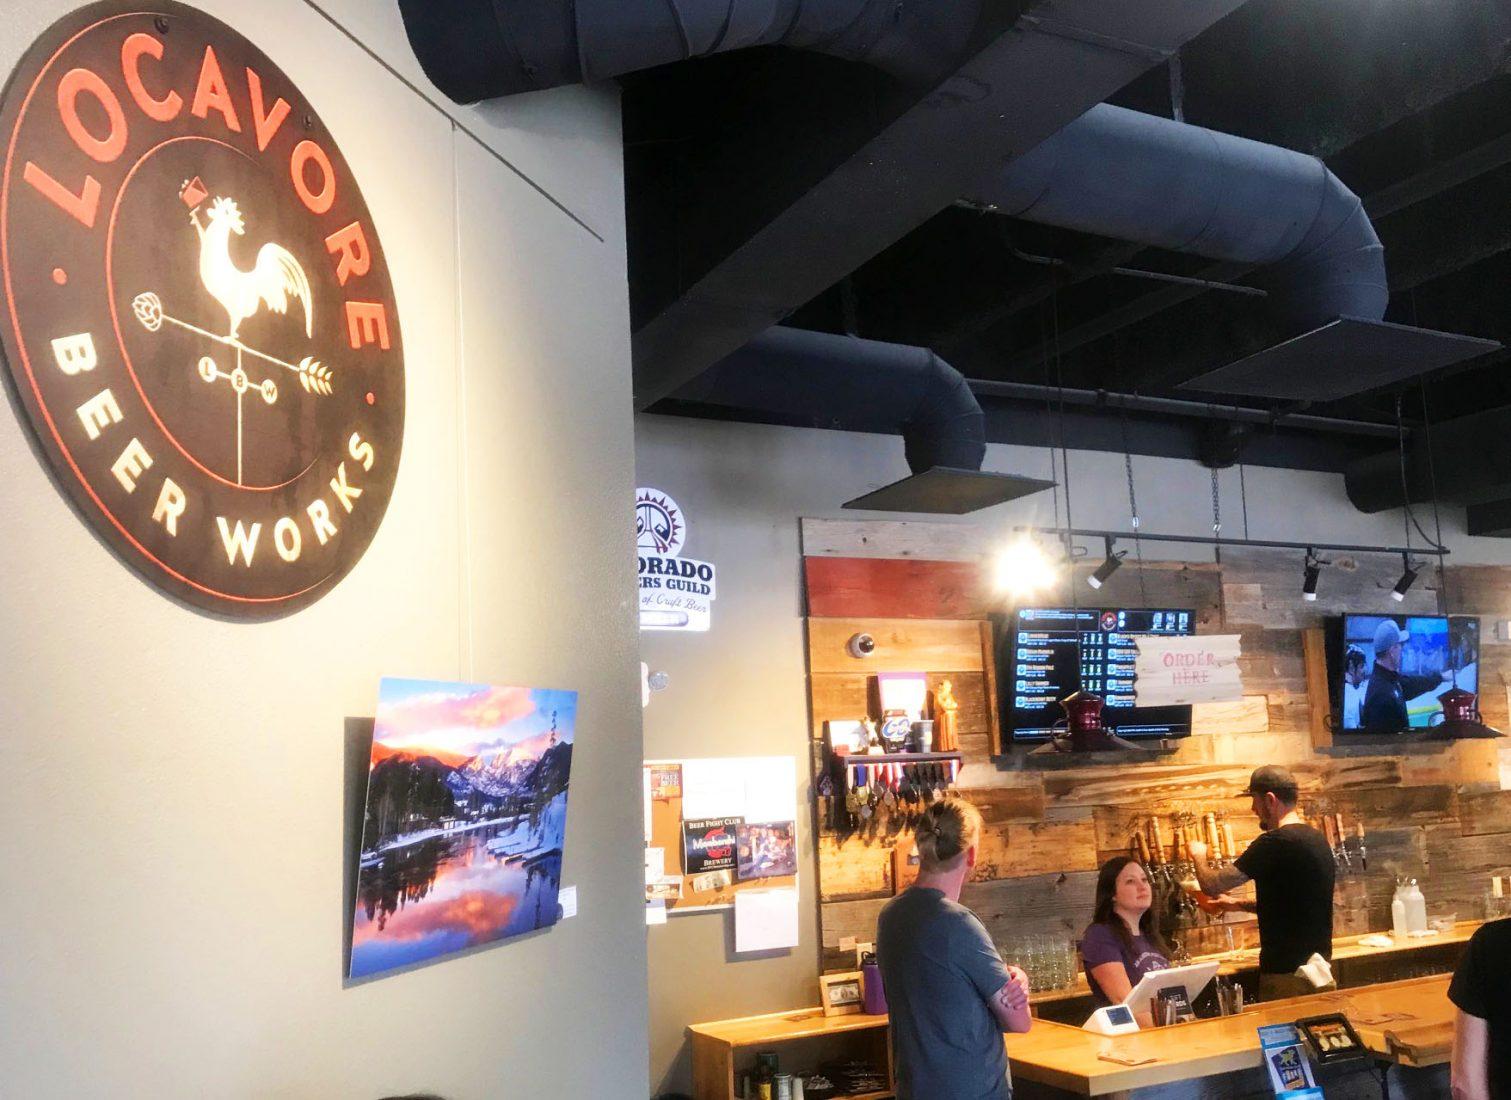 425. Locavore Beer Works, Denver CO, 2019